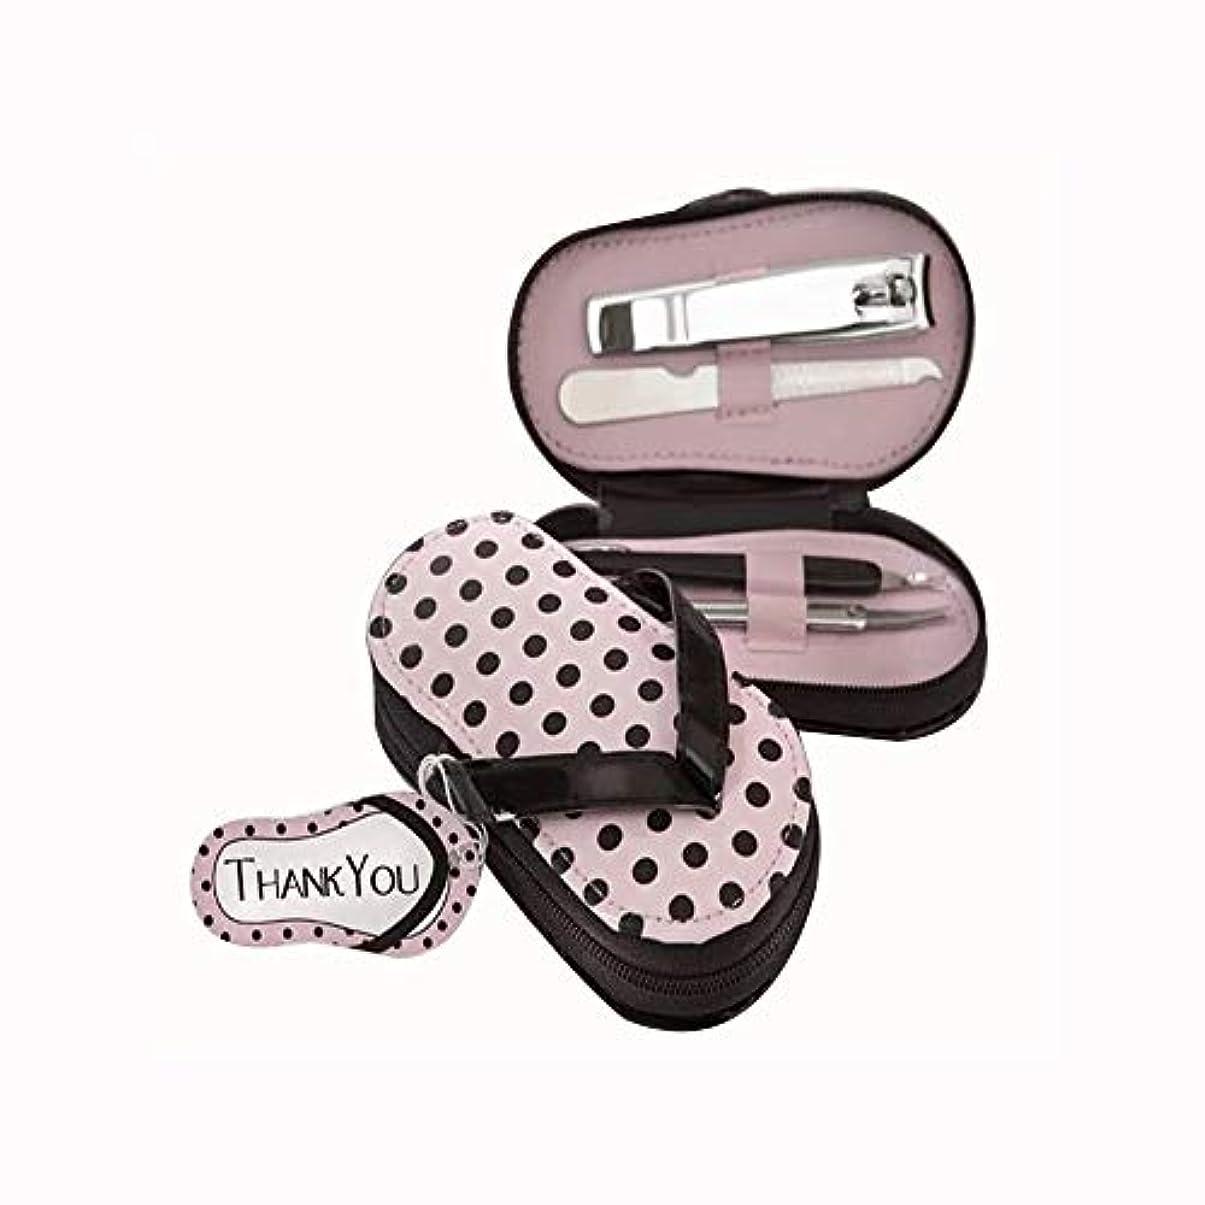 電報爆弾オープナー爪切り セットスリッパの外観ステンレス爪切りセットファッション爪切りセット収納ケース付き、ピンク、4点セット